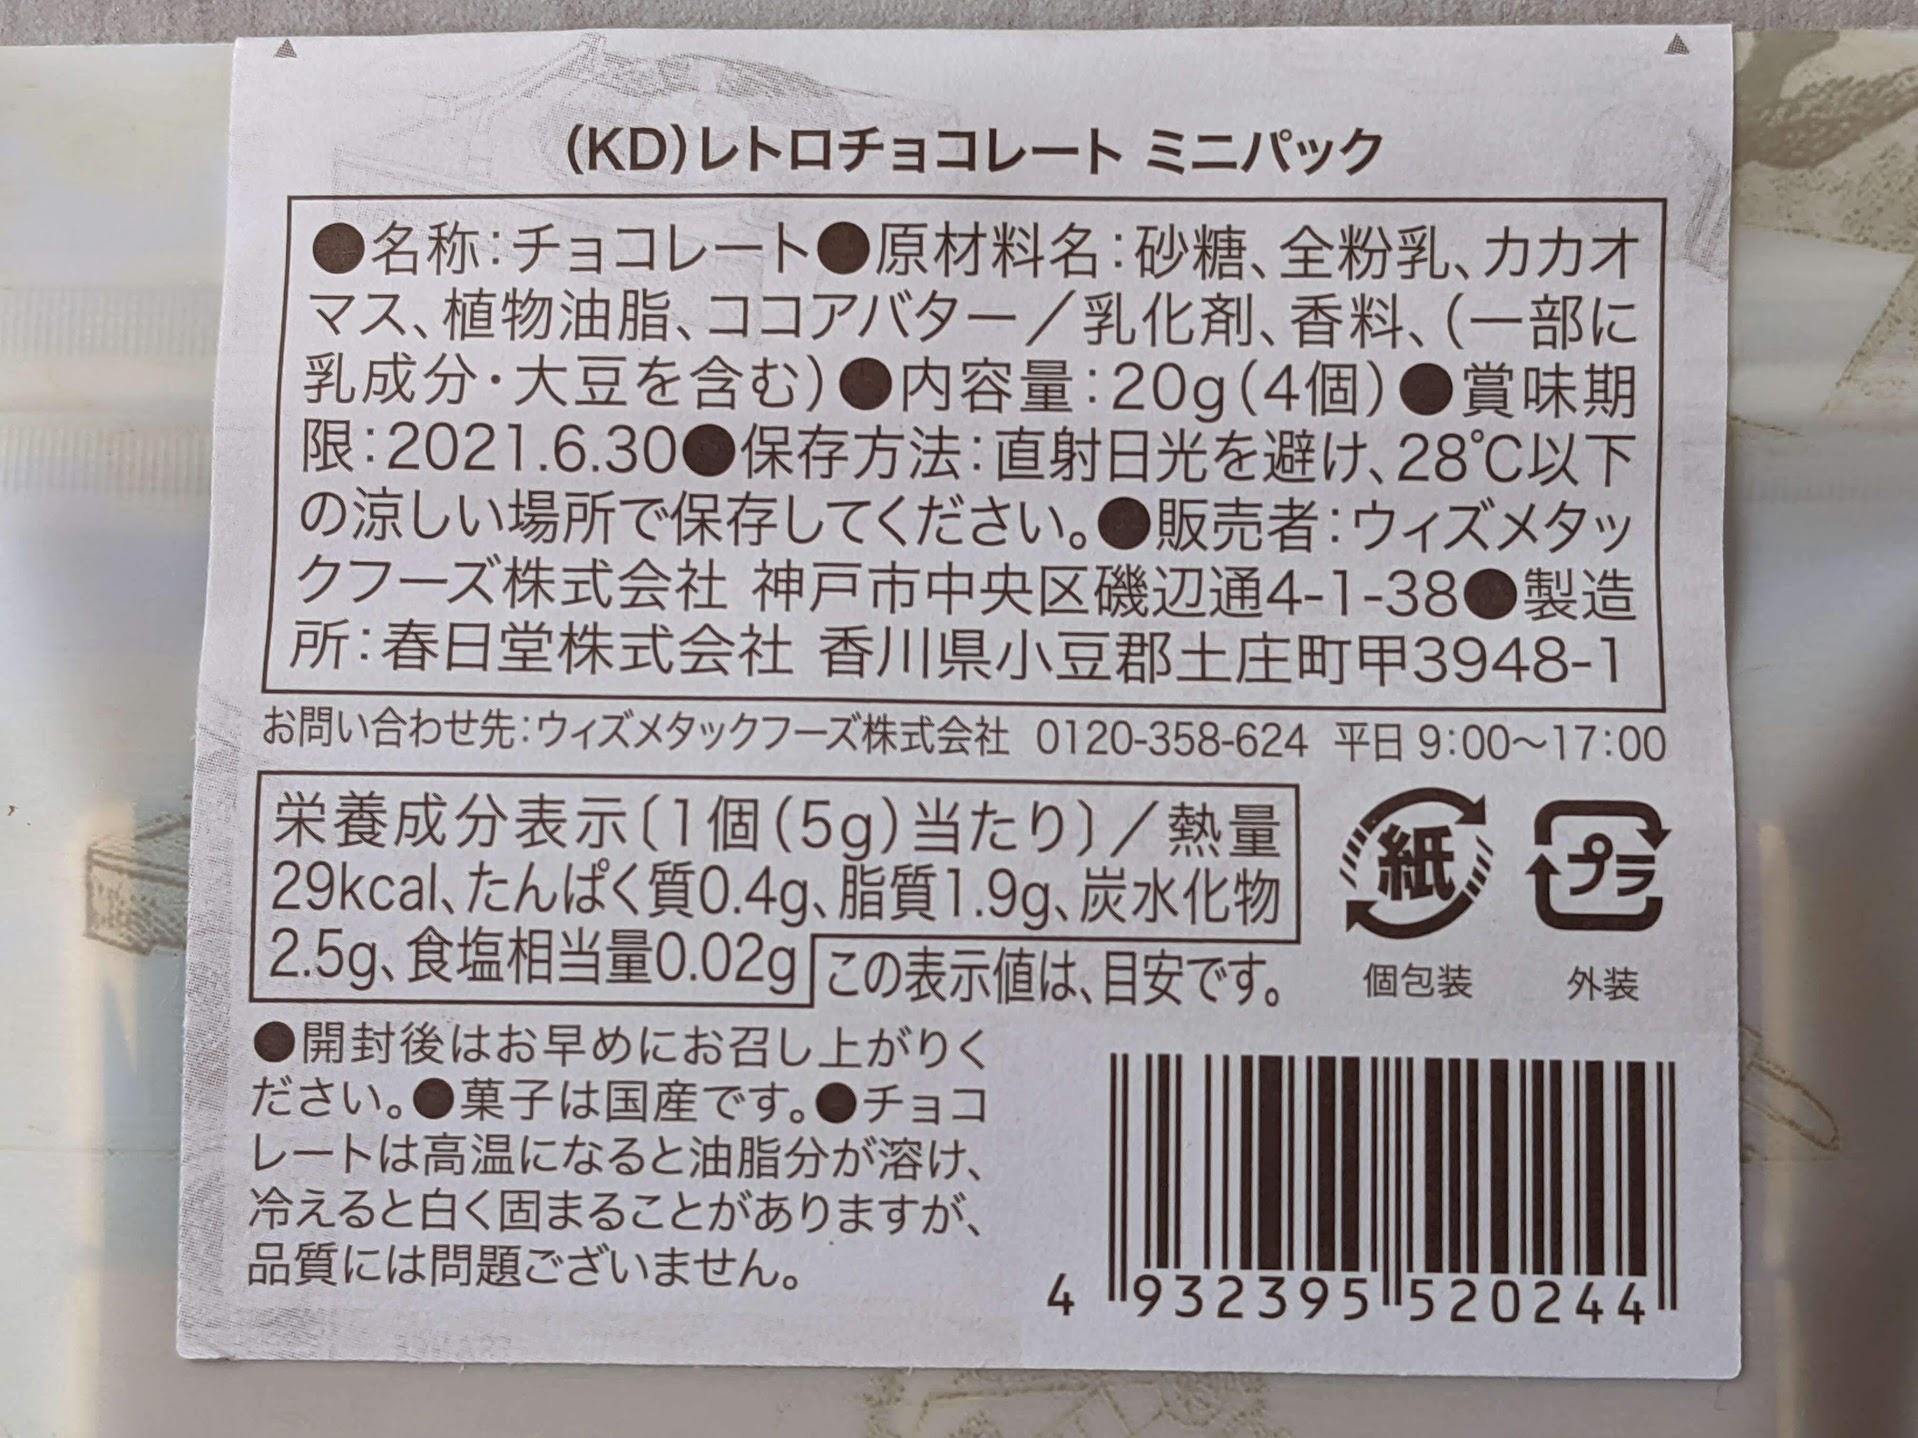 レトロチョコレート ミニパック 栄養成分表示